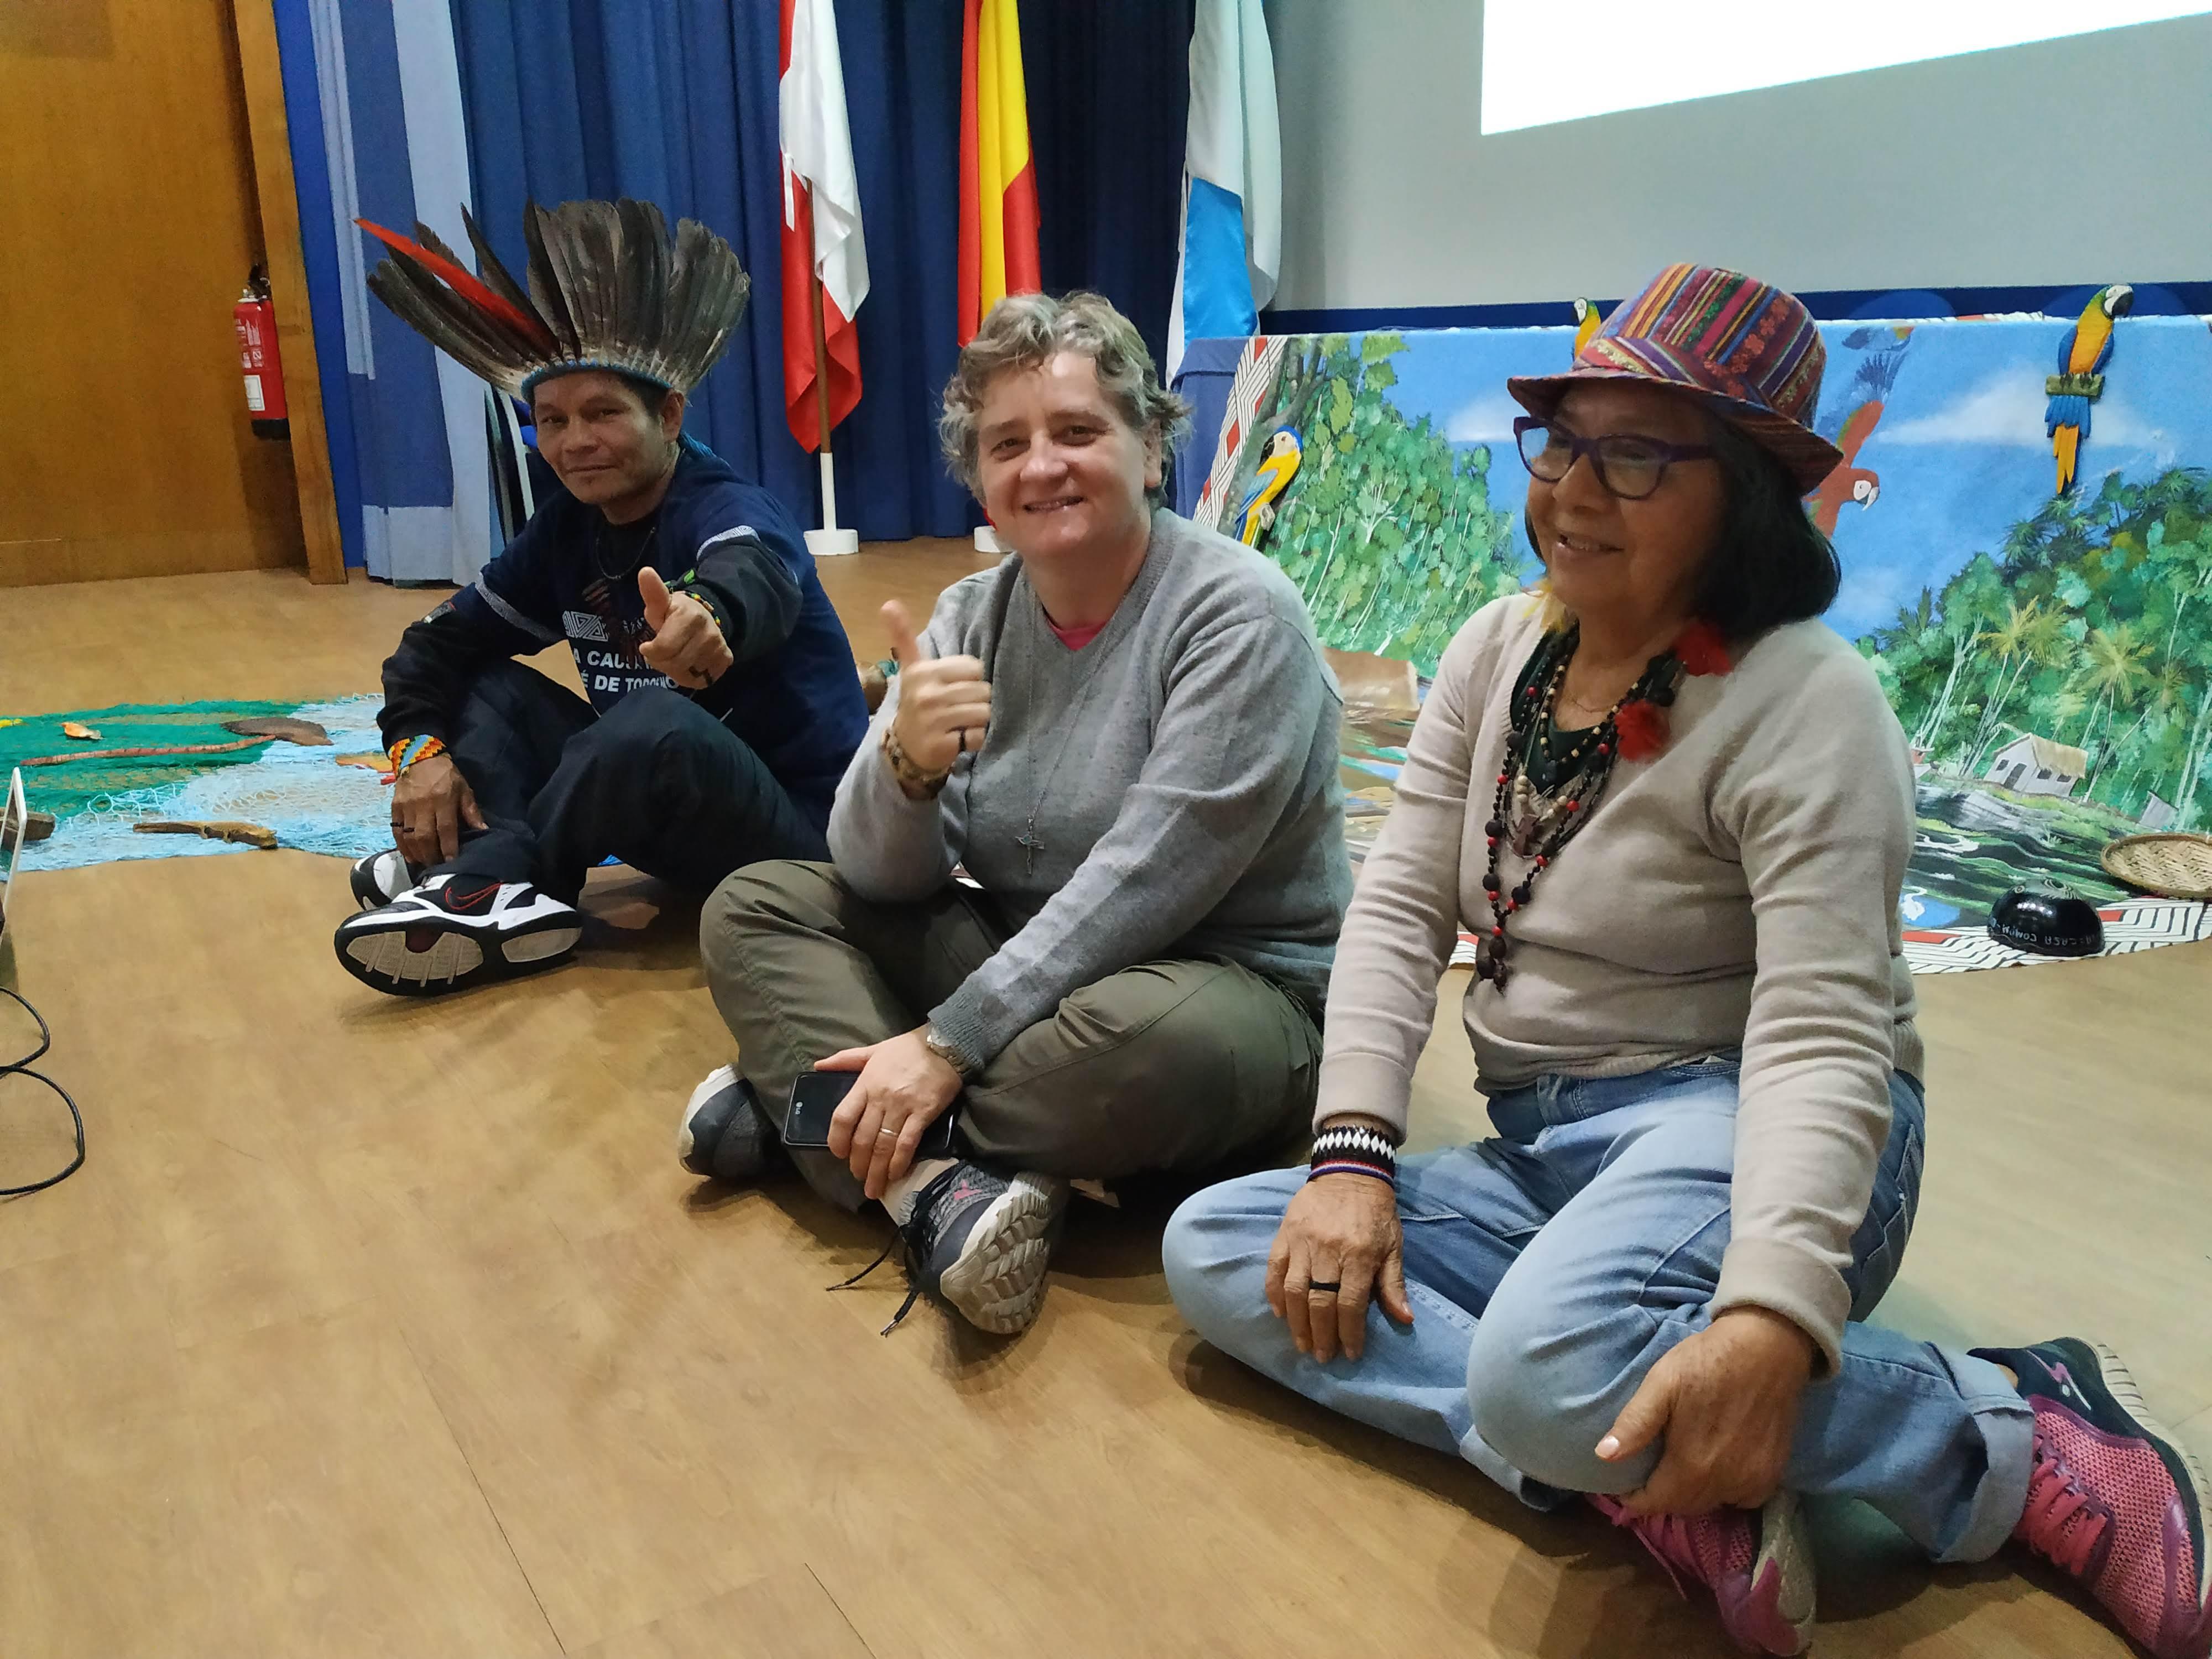 A Amazonía enche de vida e cor ao alumnado de Primaria